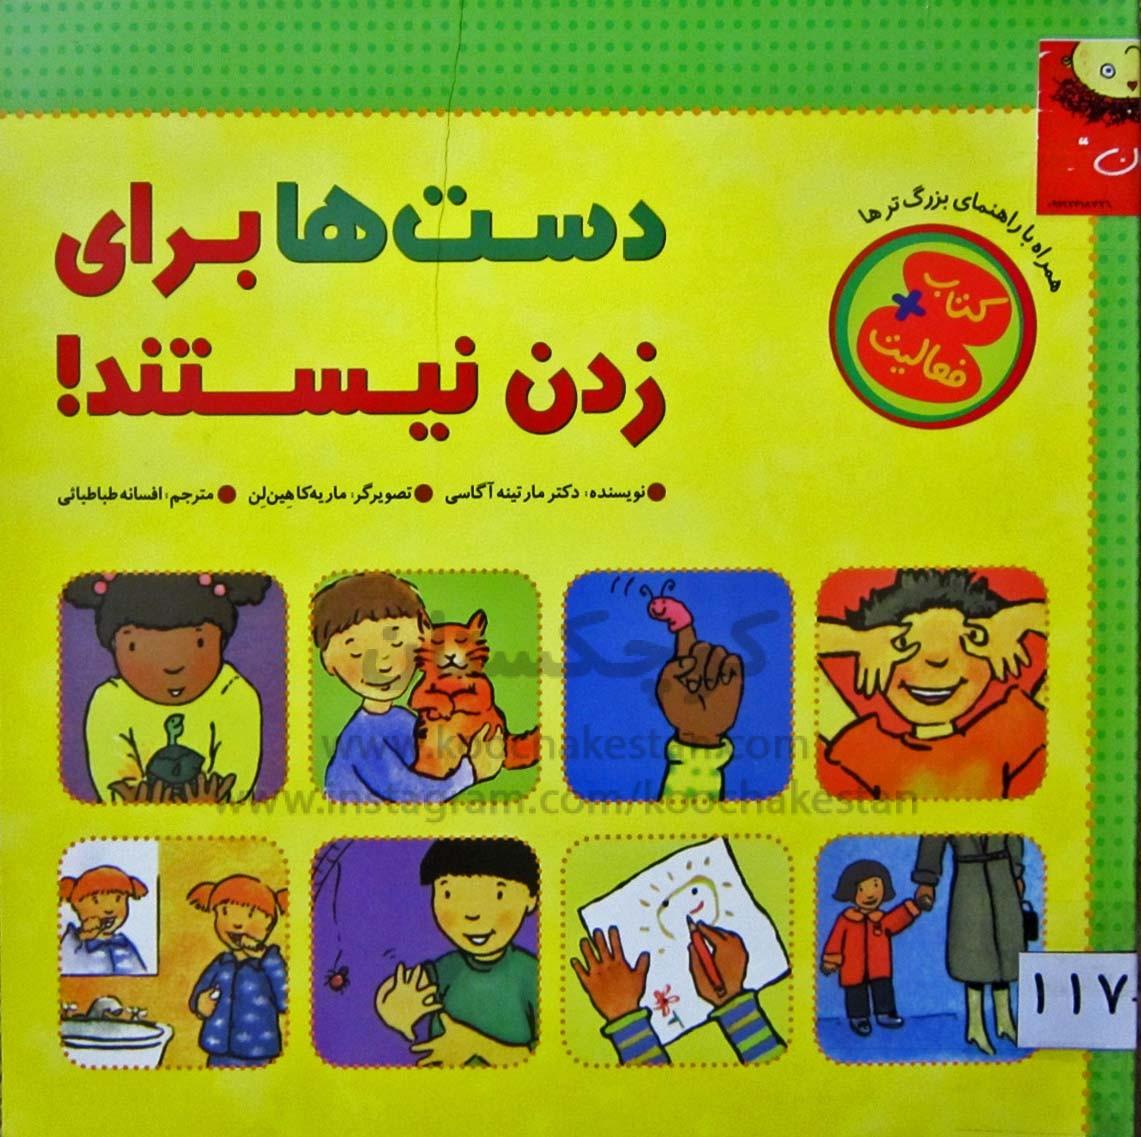 دست ها برای زدن نیستند - کتابخانه کودک - کوچکستان